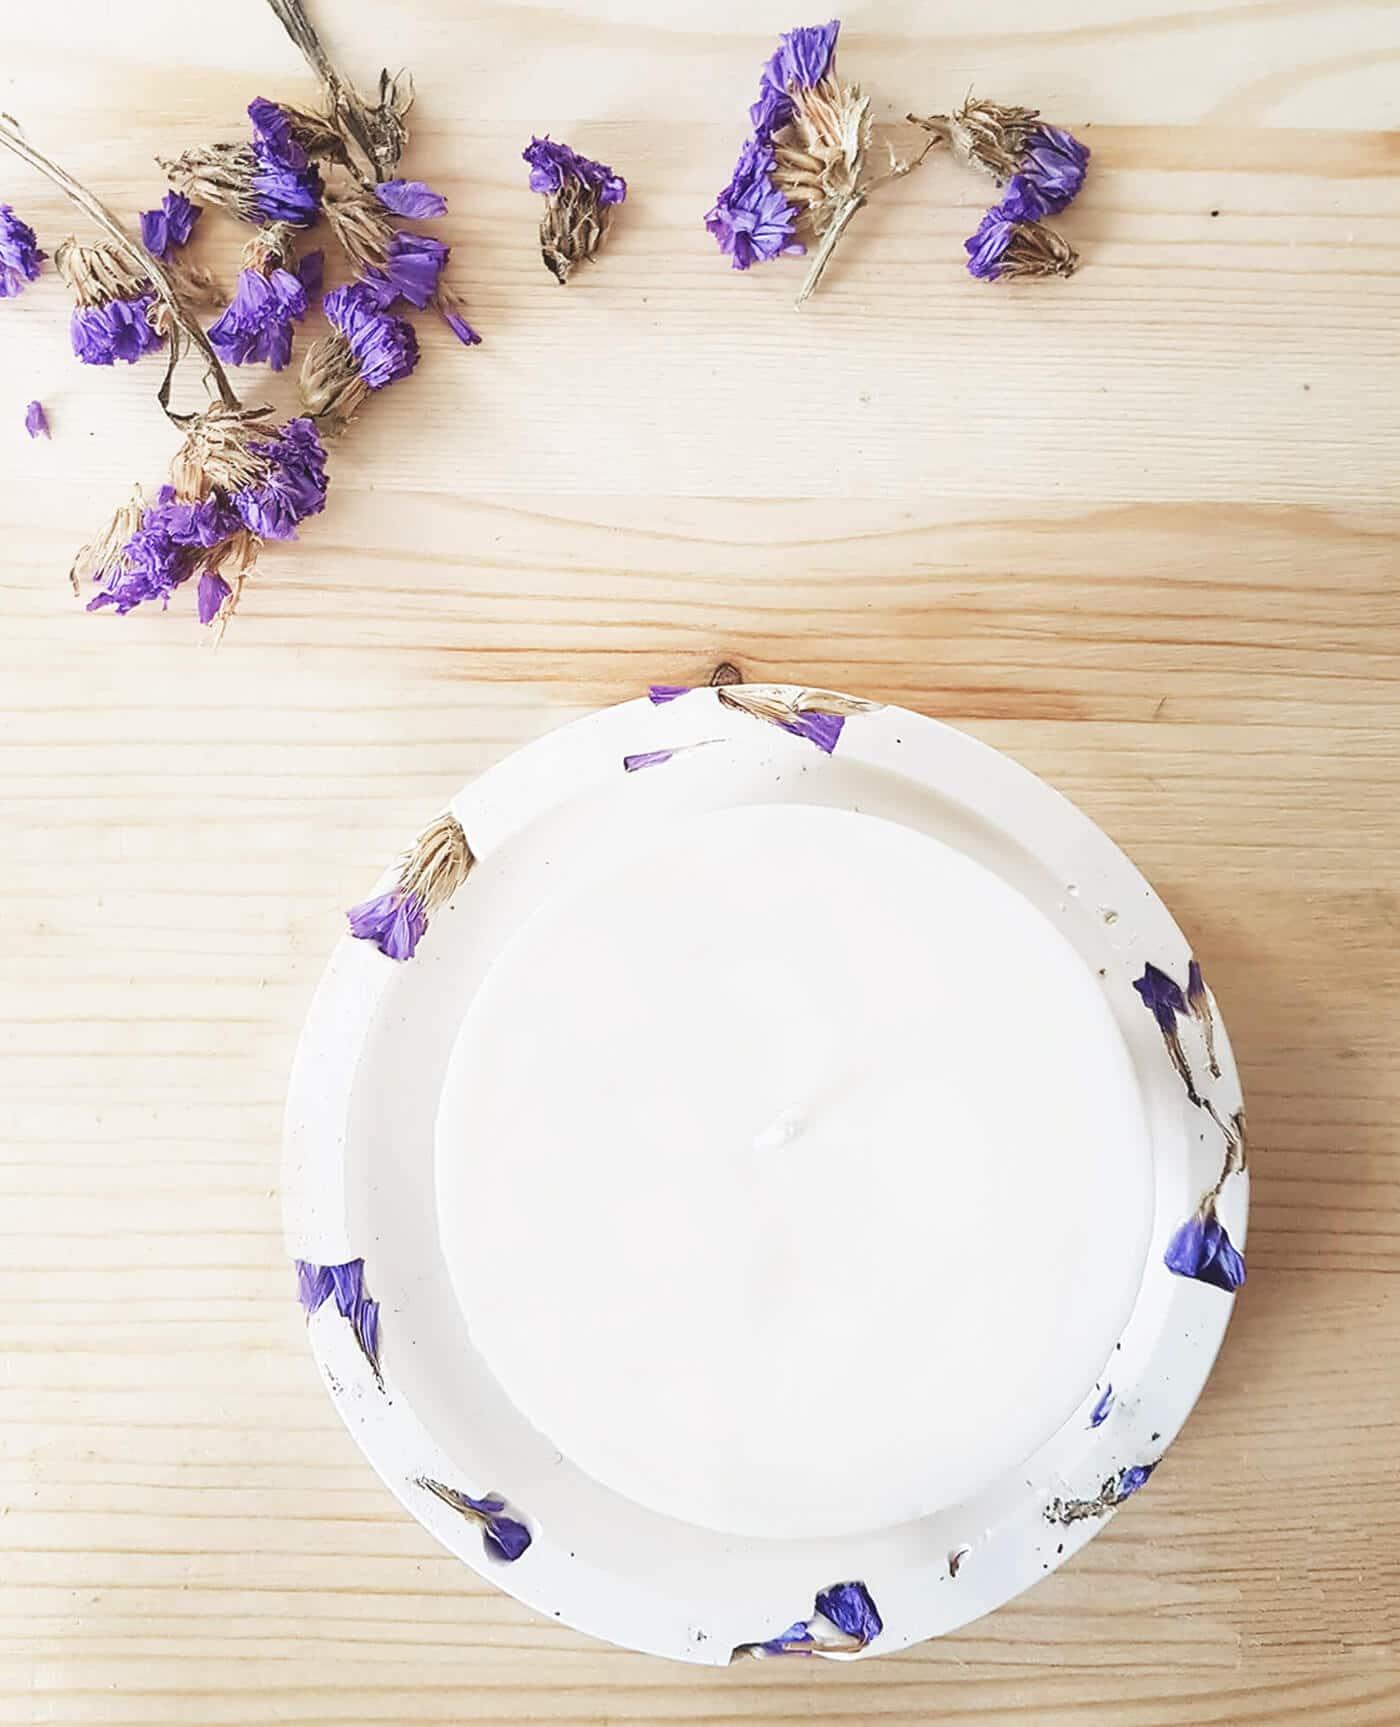 Socle support naturel statice pour bougies fleuries de la marque Ponoie Made in France